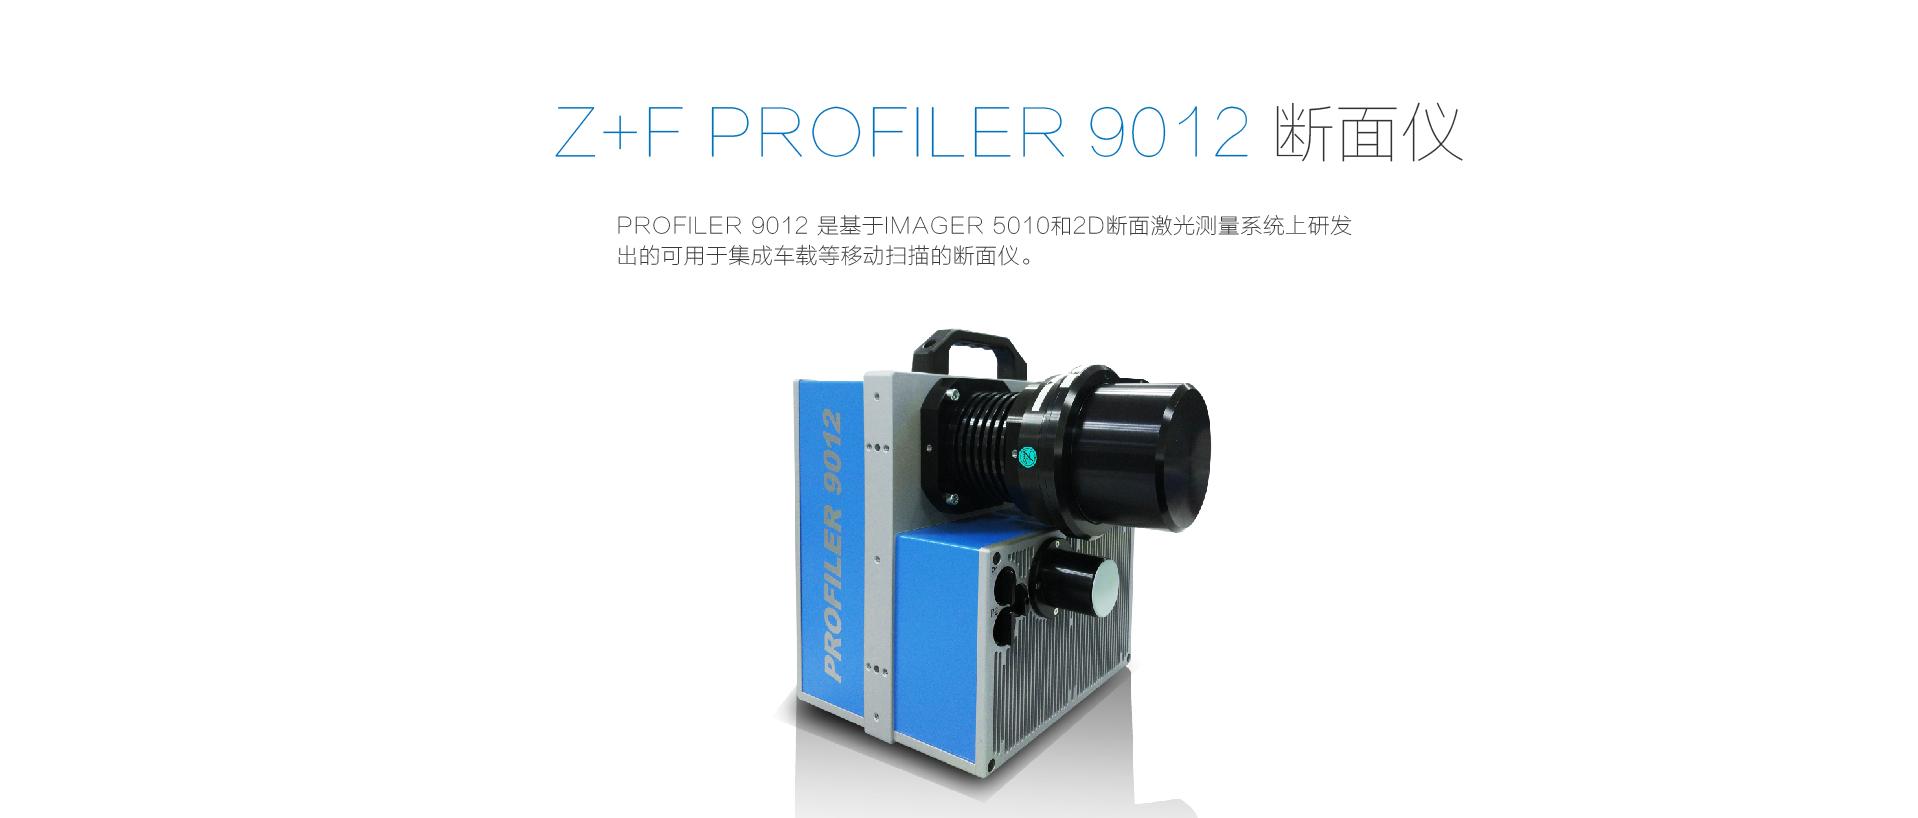 上海華測Z+F PROFILER 9012斷面掃描儀,高效數據實時傳輸,華測導航